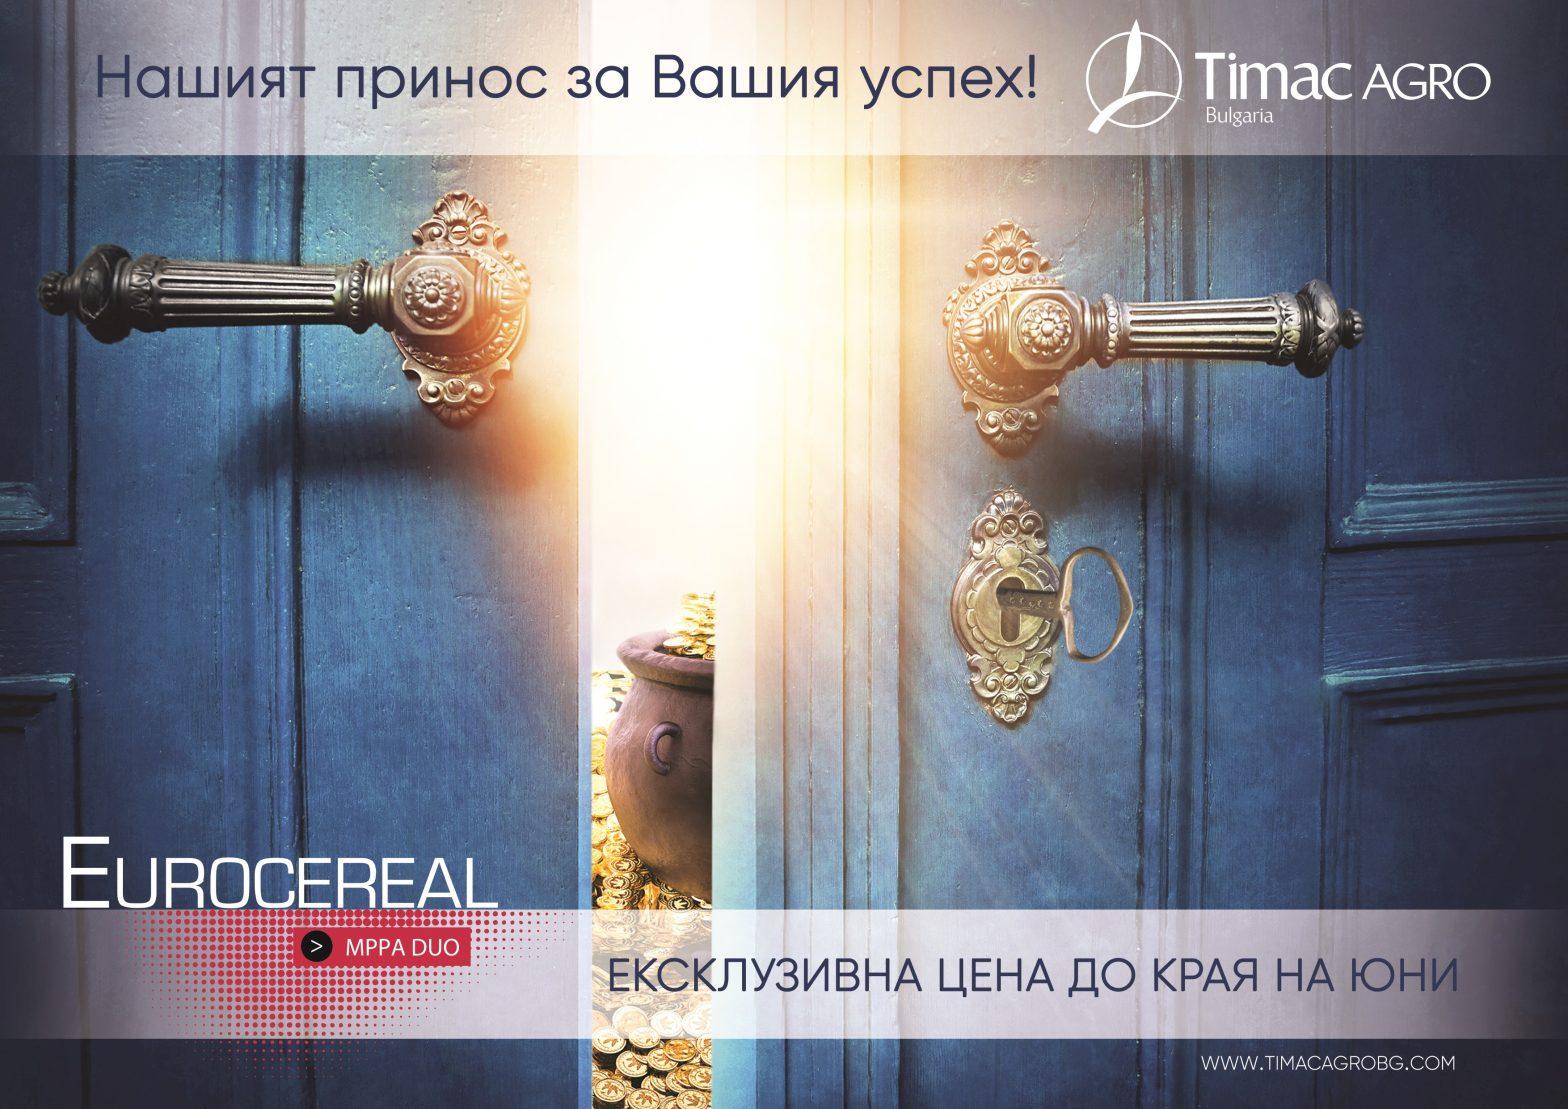 Eurocereal® – нашият принос за Вашия успех!